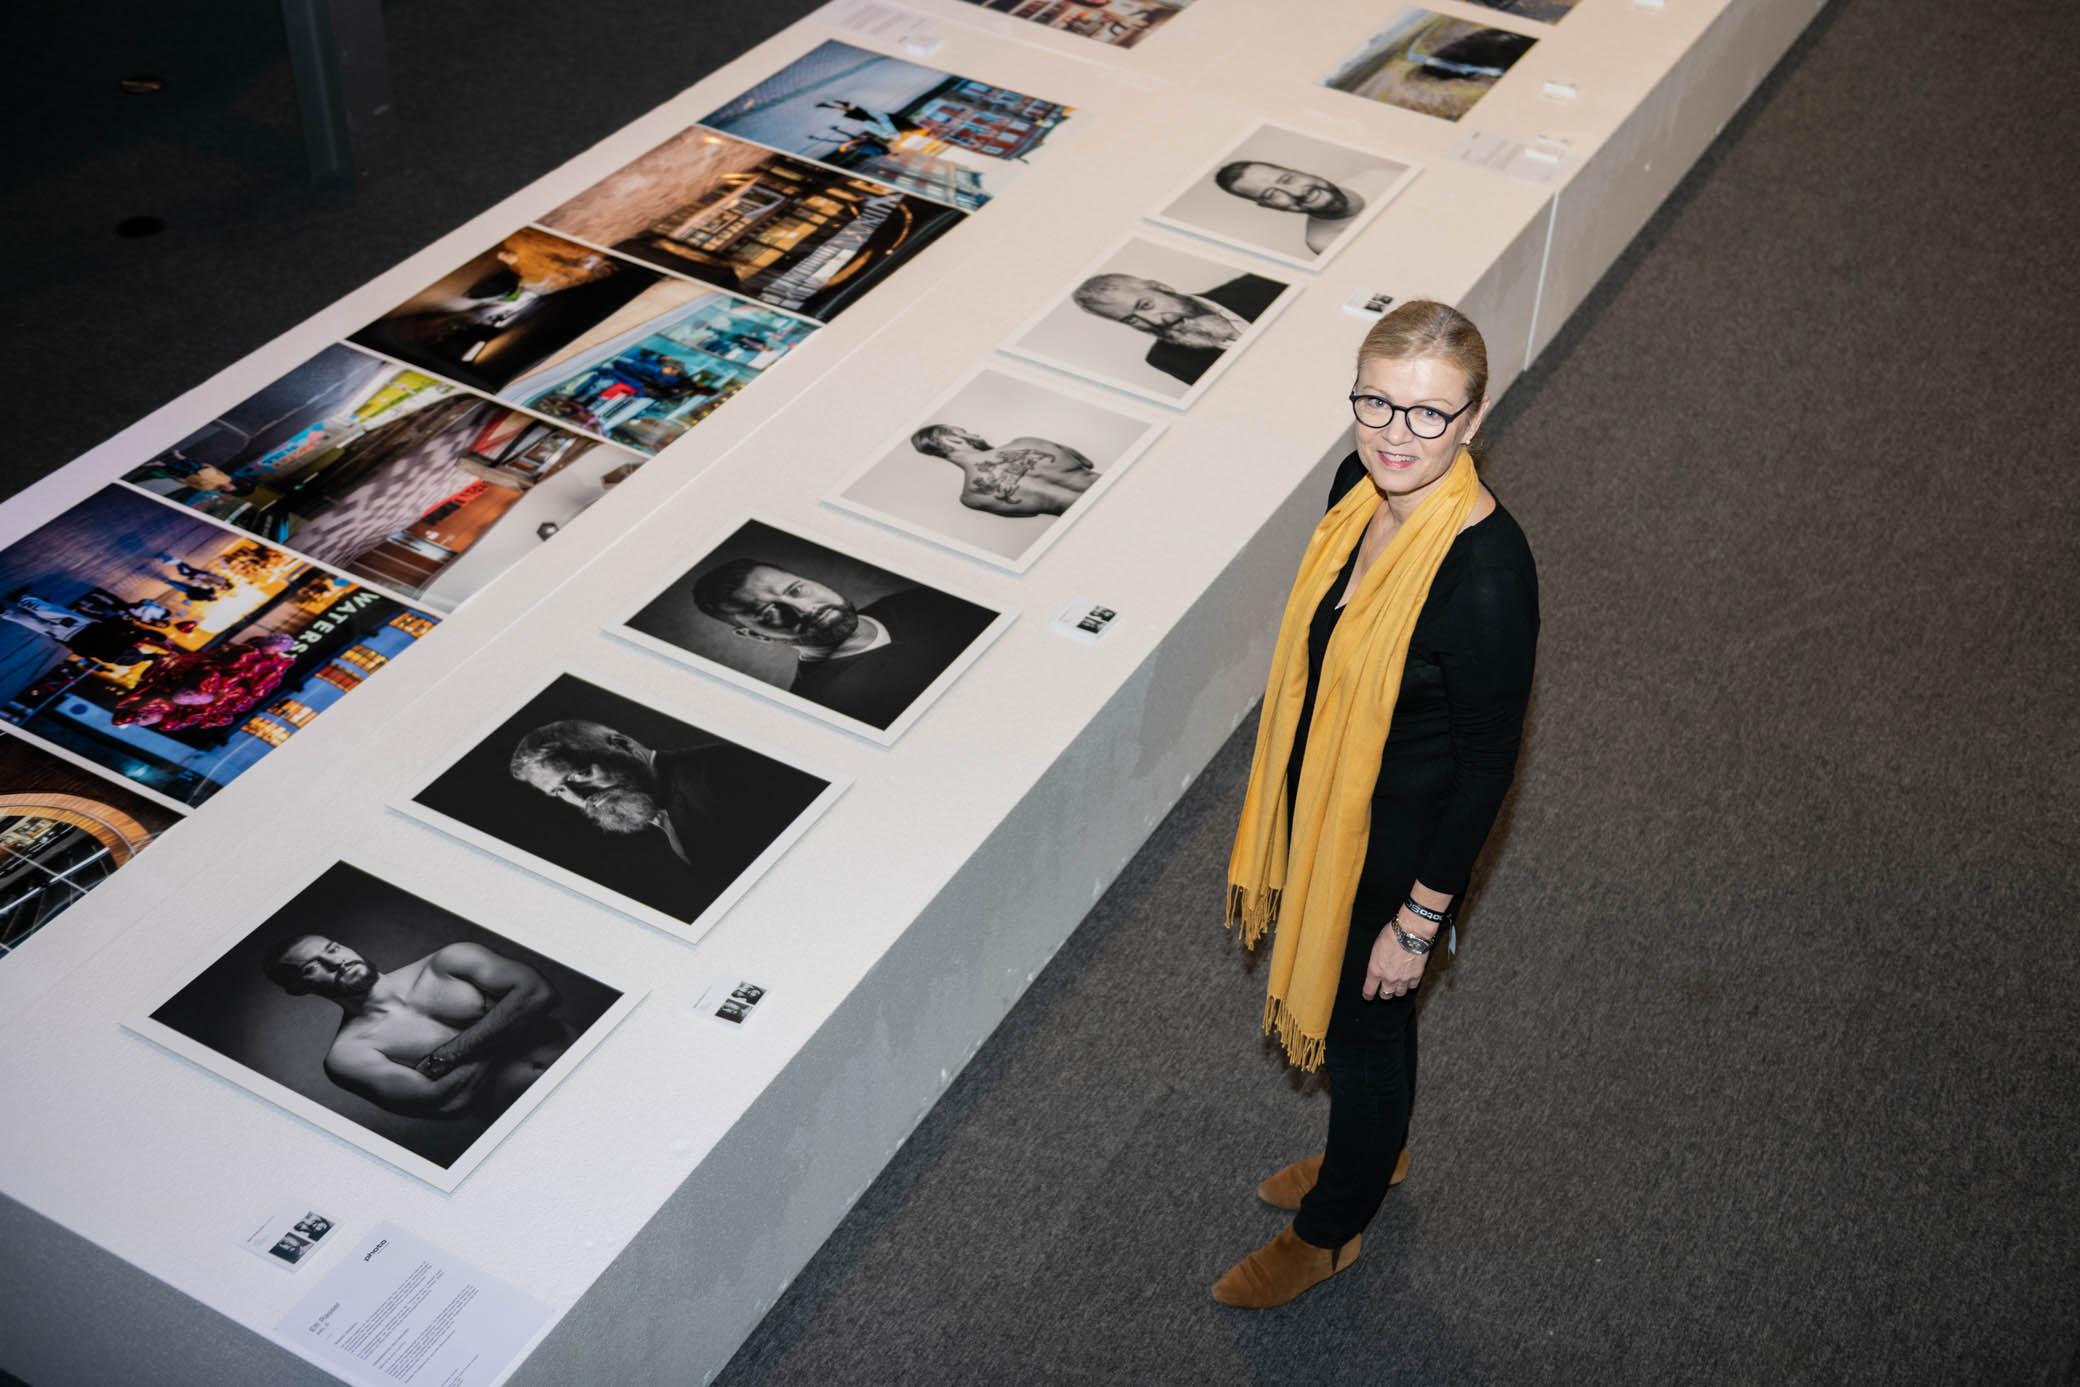 Aussteller bei der photoSCHWEIZ 2020 elfirasser.com.jpg